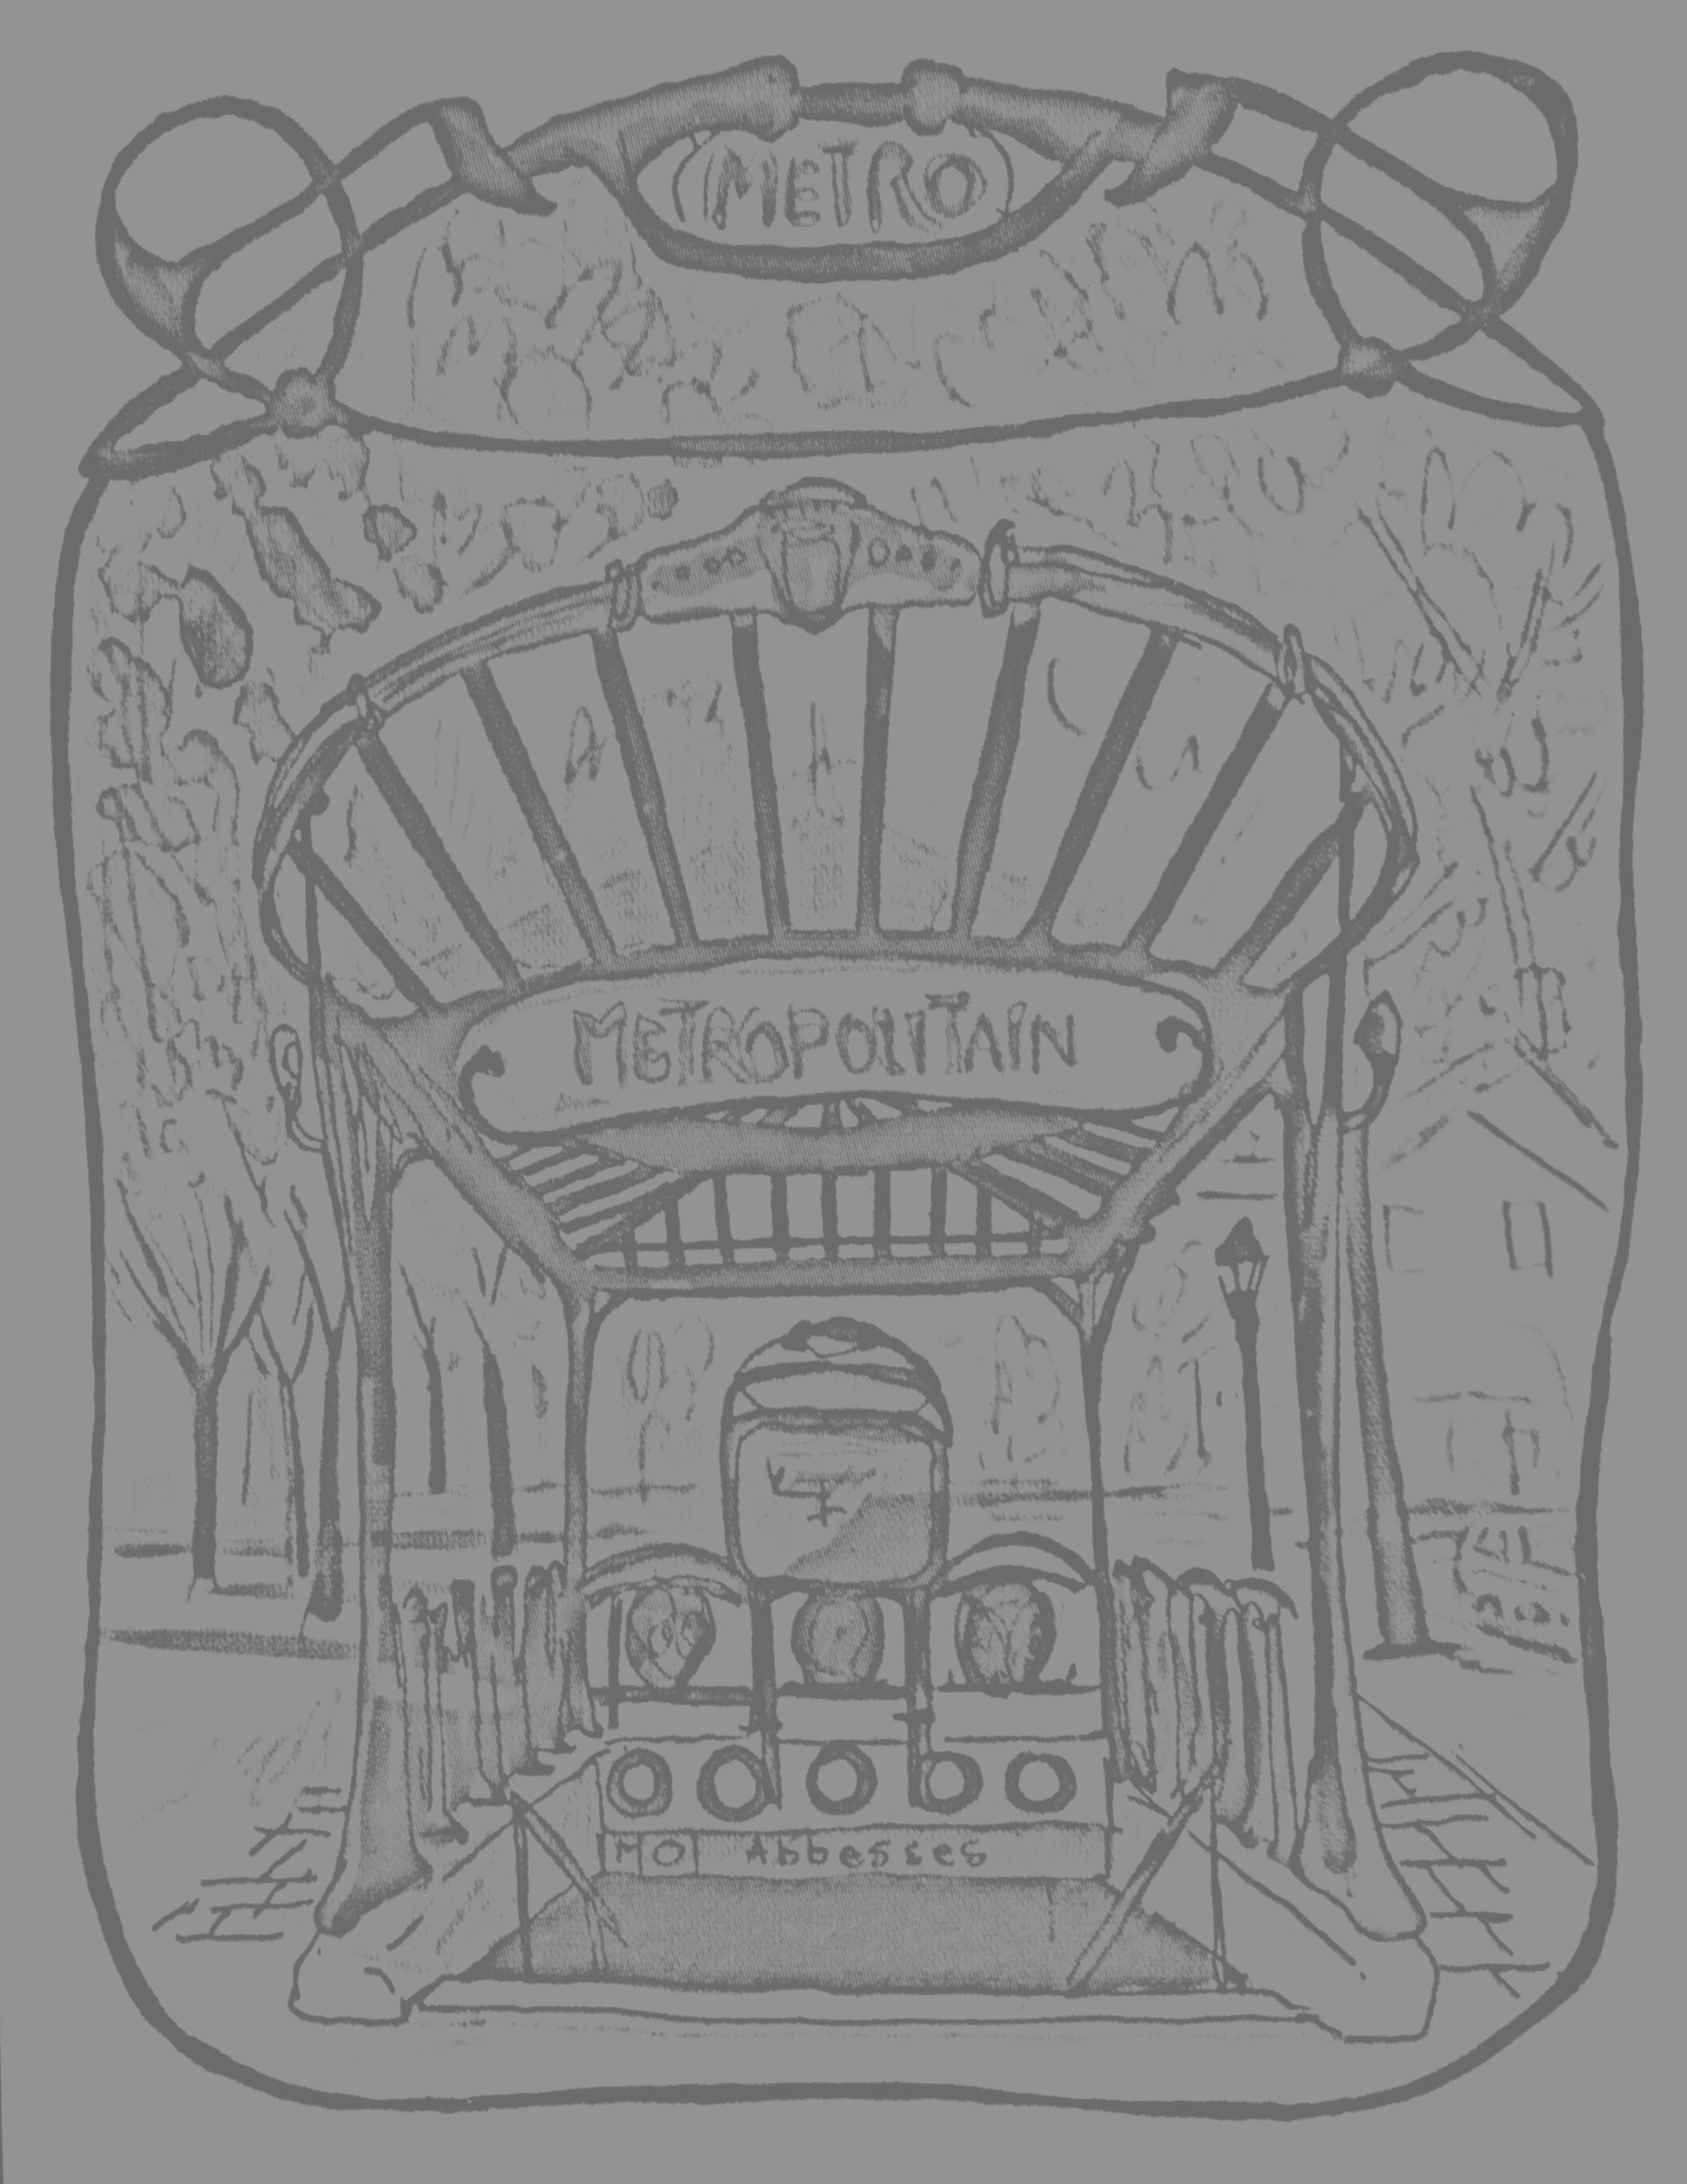 Dessin d'une entrée de station de métro parisienne, avec la fameuse inscription 'Métropolitain'A partir de la galerie : Paris